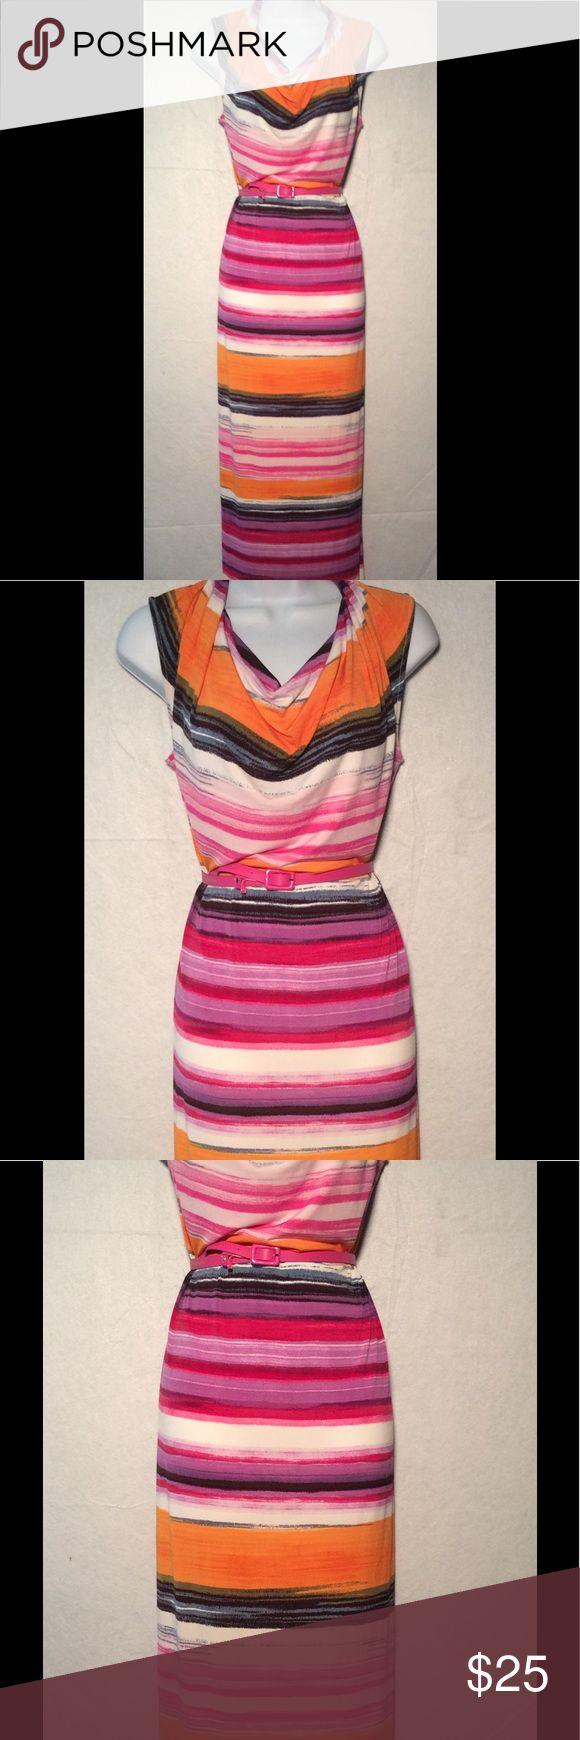 """Sz 6 Calvin Klein Multi Color Maxi Dress With Belt MEASUREMENTS-armpit to armpit 18"""", length from shoulder to hem 56"""" Calvin Klein Dresses Maxi"""